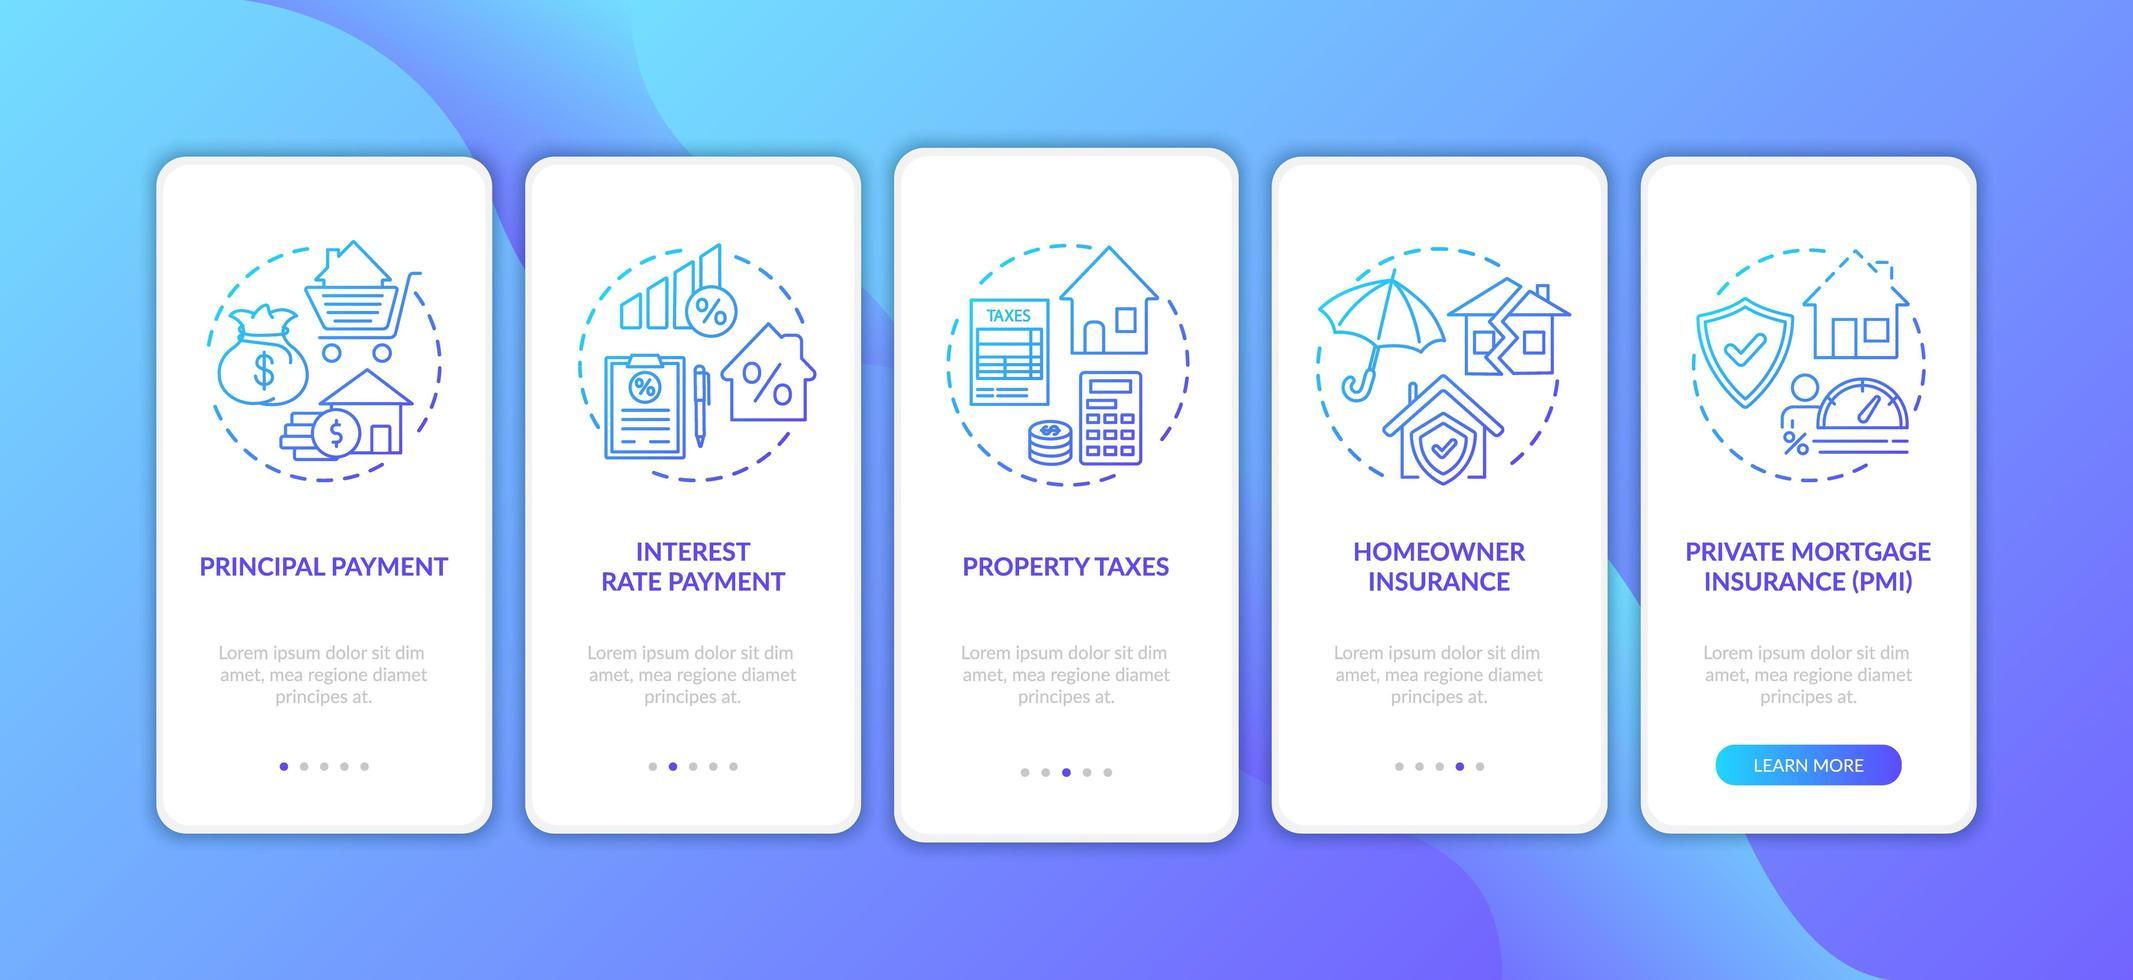 Elementos de pago de hipoteca incorporando la pantalla de la página de la aplicación móvil con conceptos vector